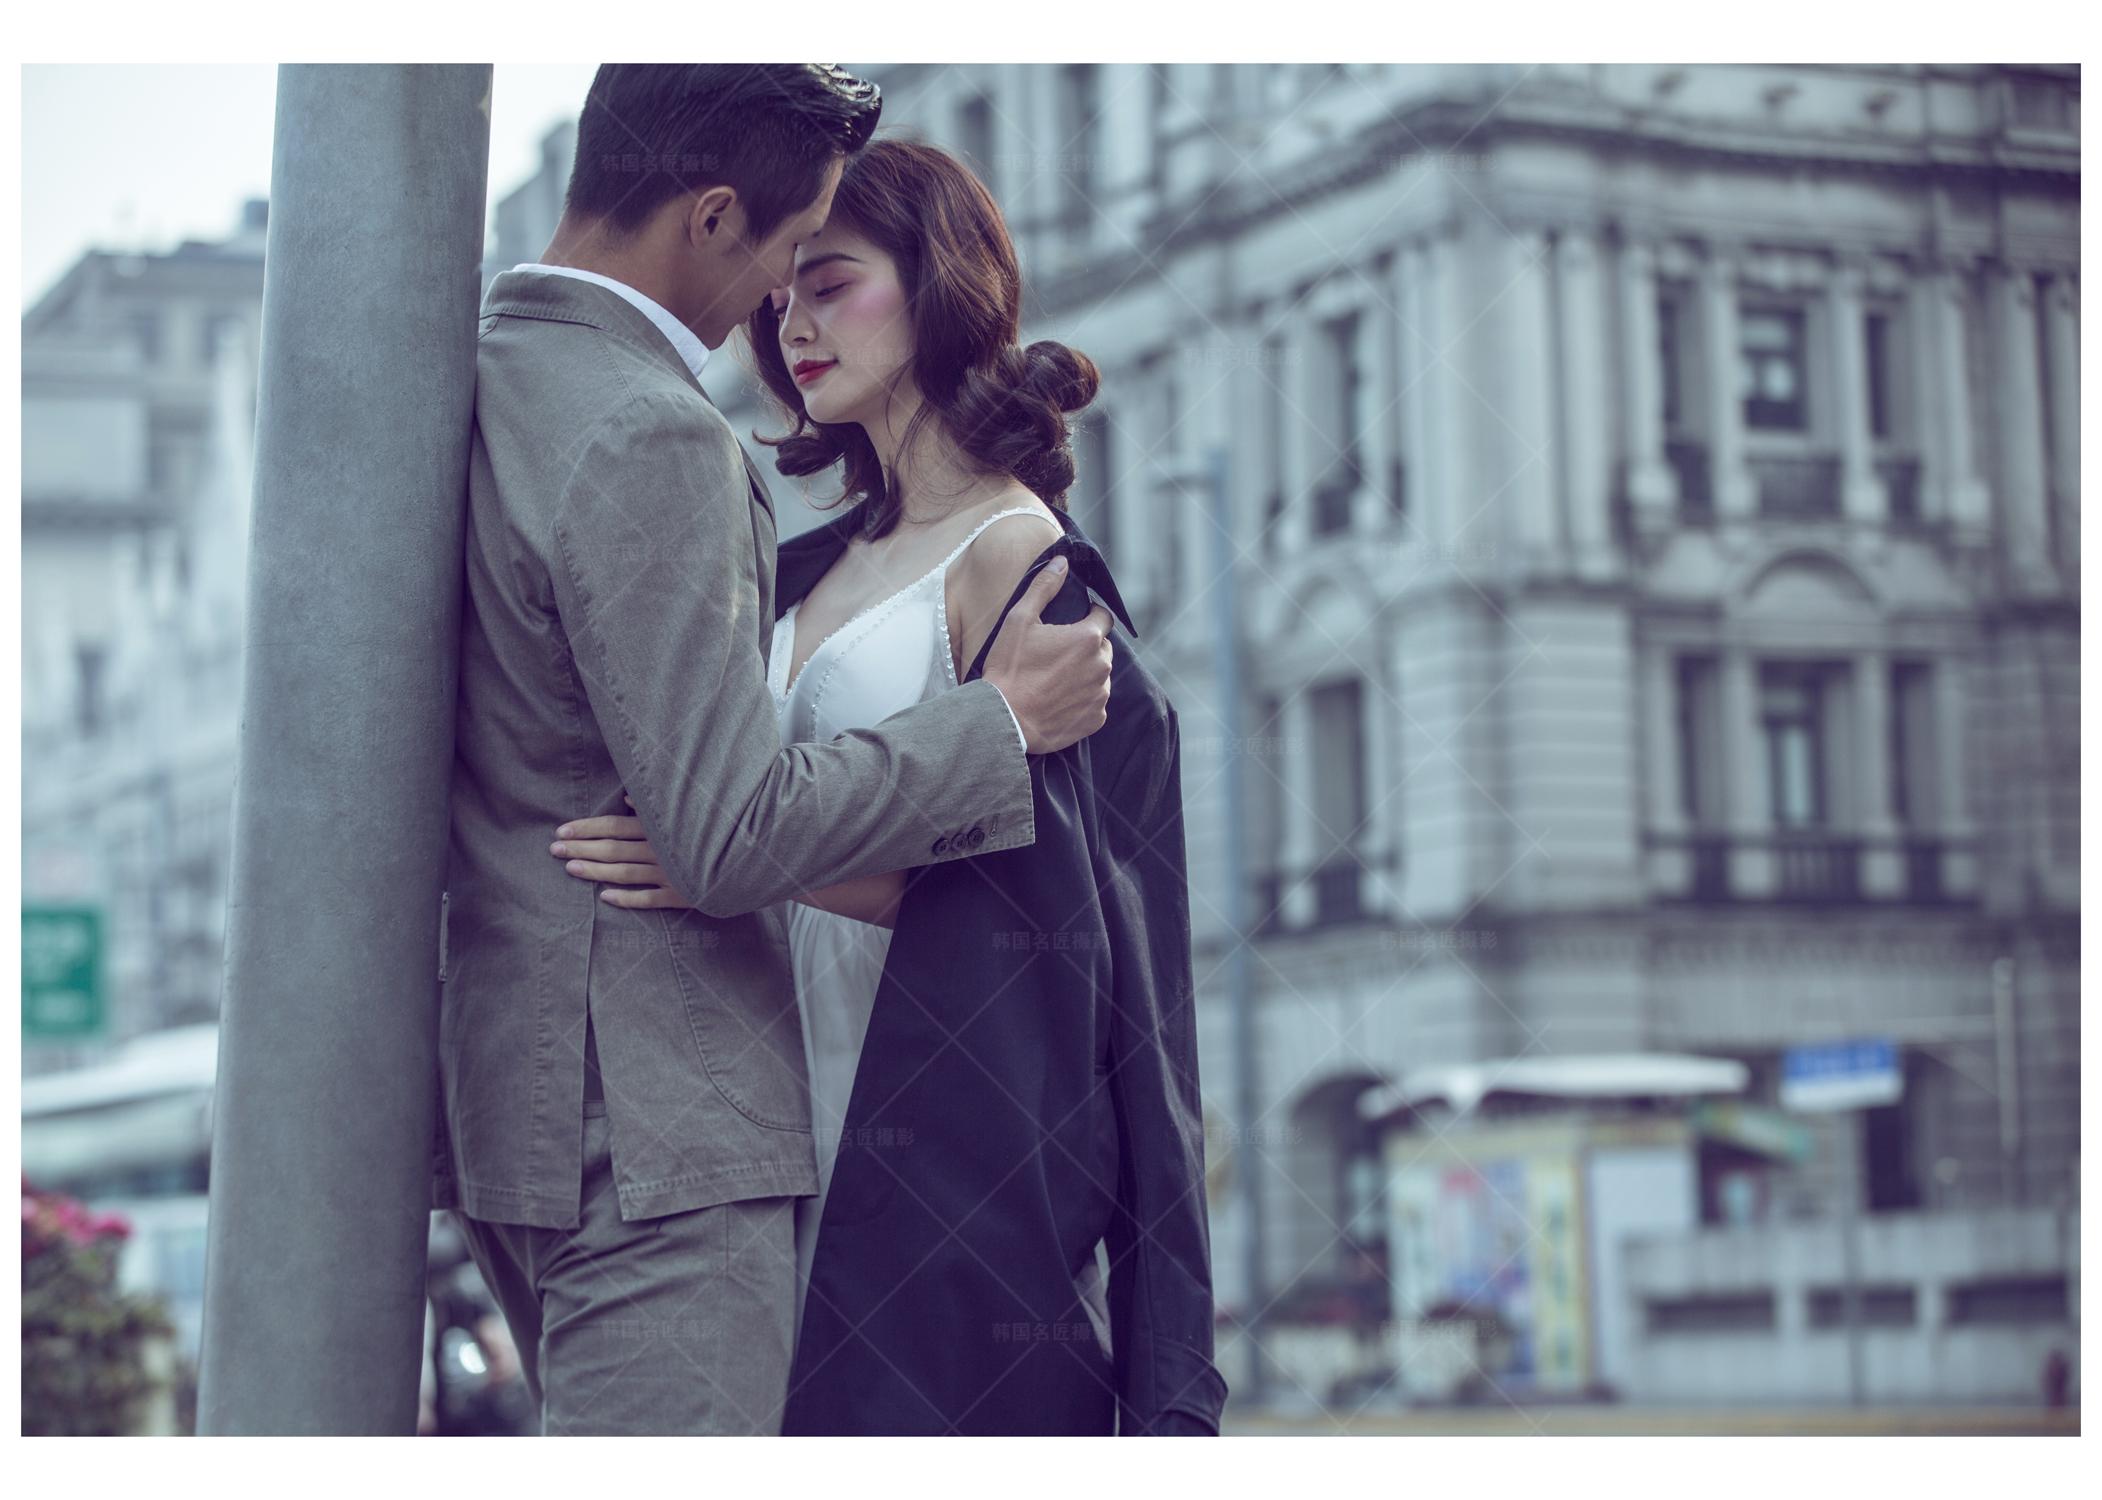 欧式文艺旅行风街景街拍婚纱摄影作品